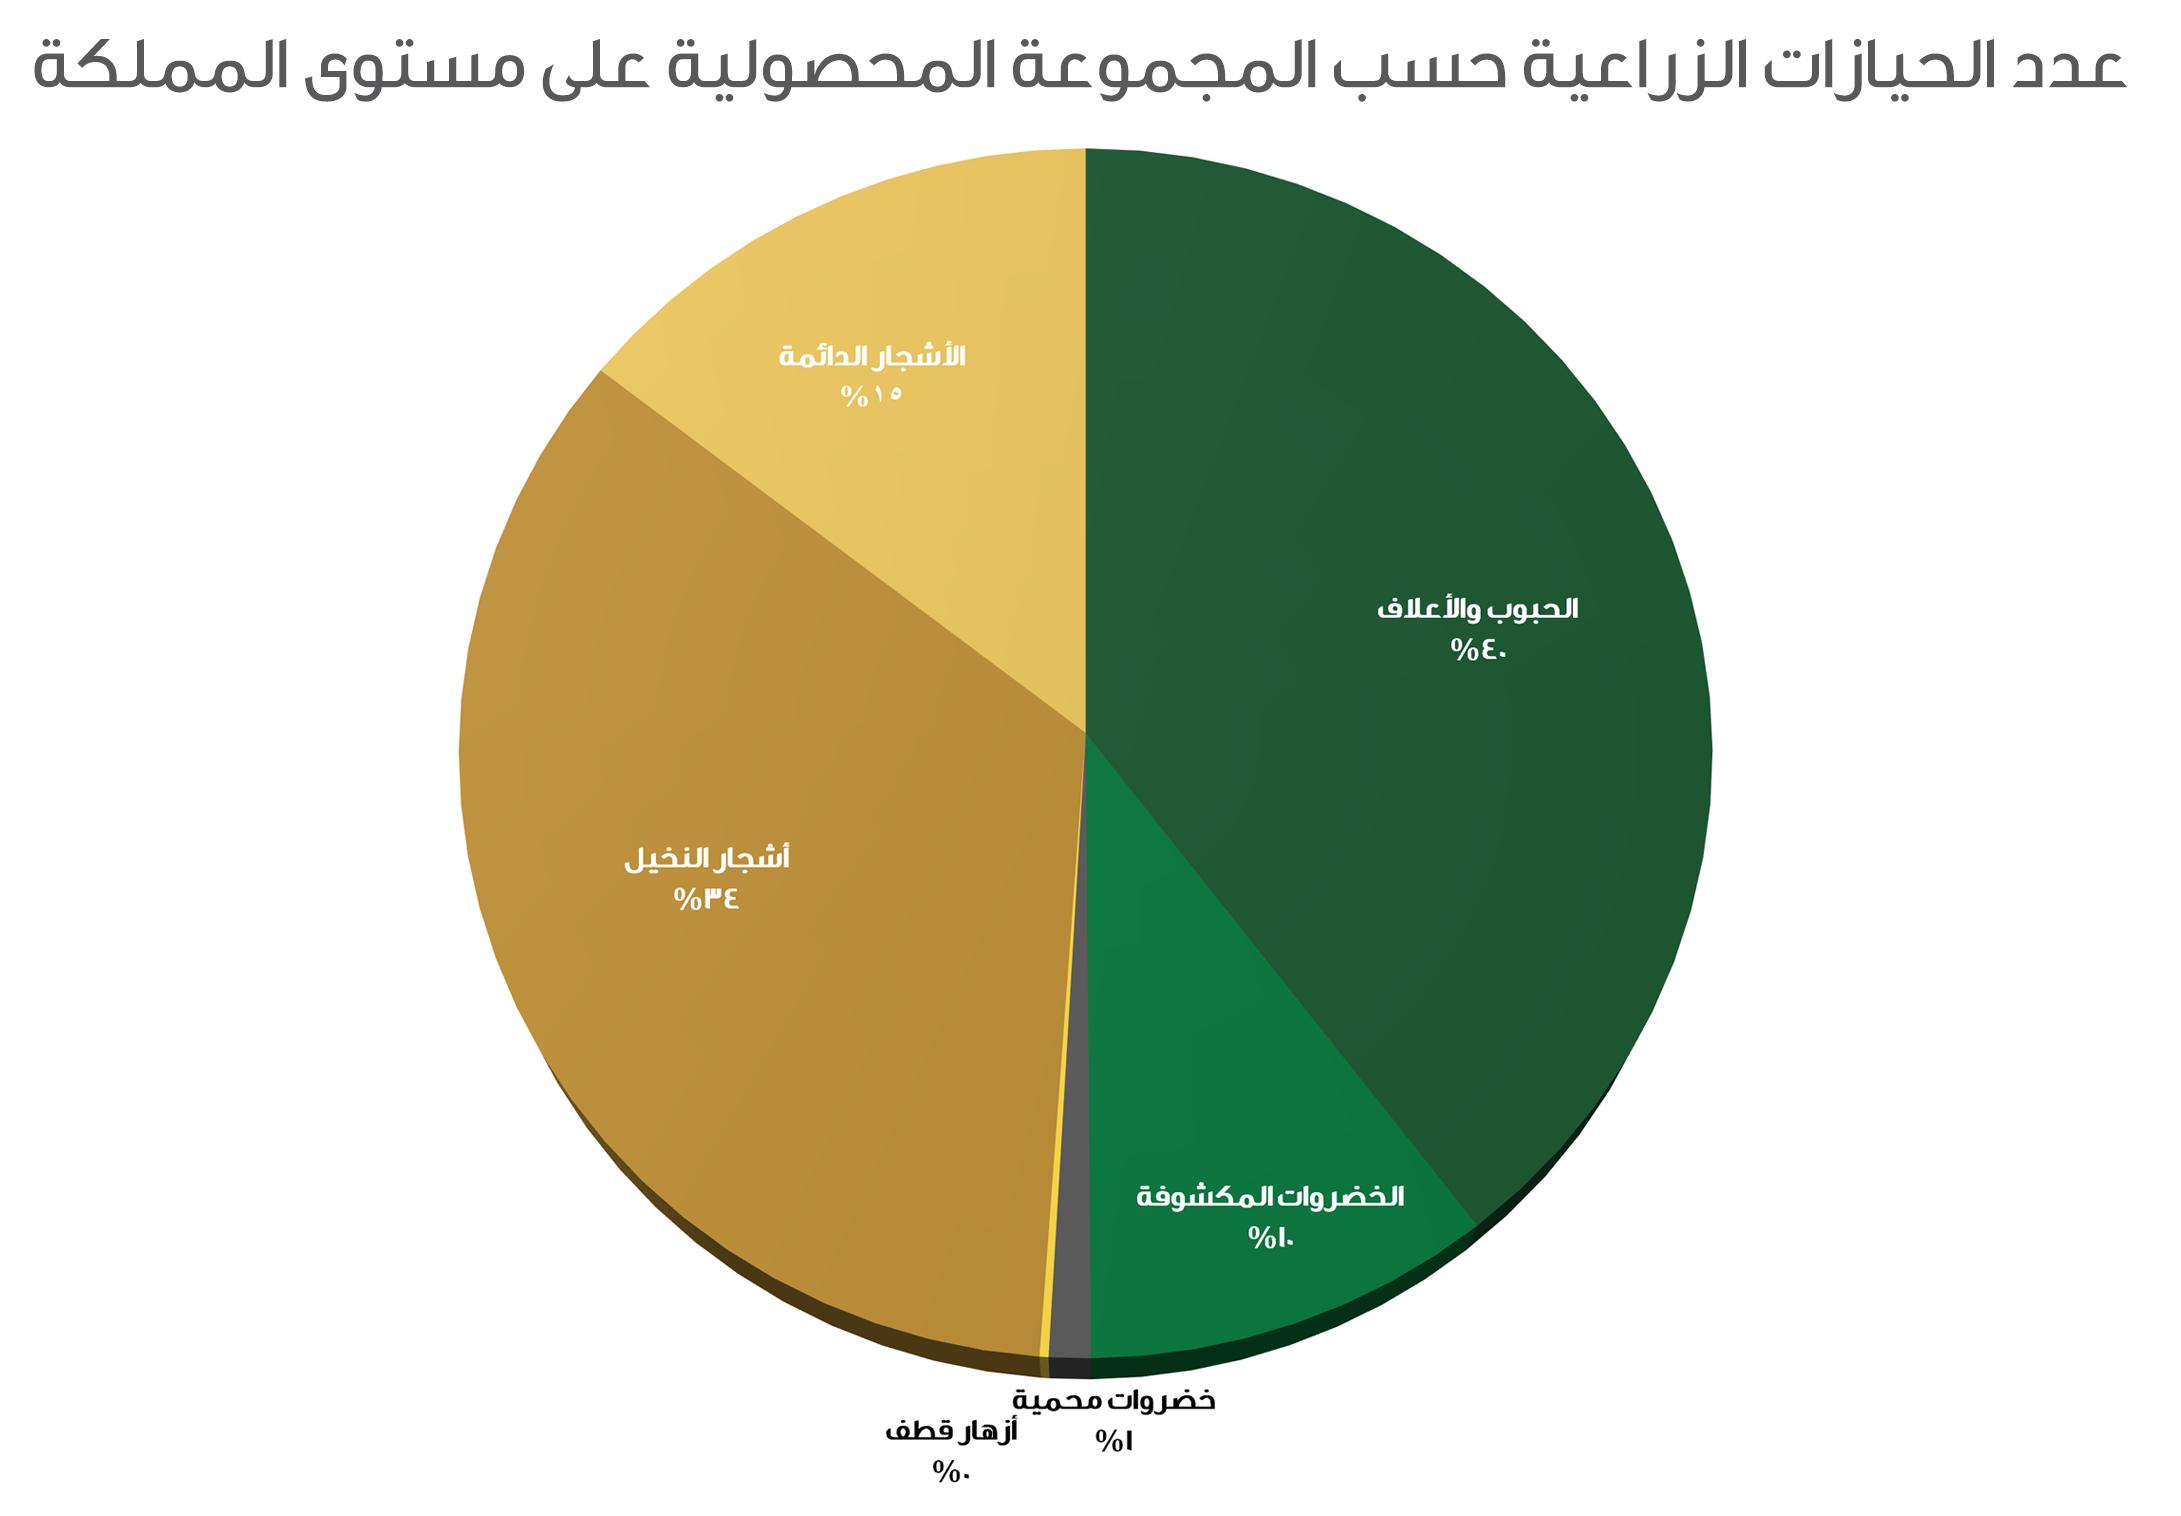 عدد الحيازات الزراعية حسب المجموعة المحصولية